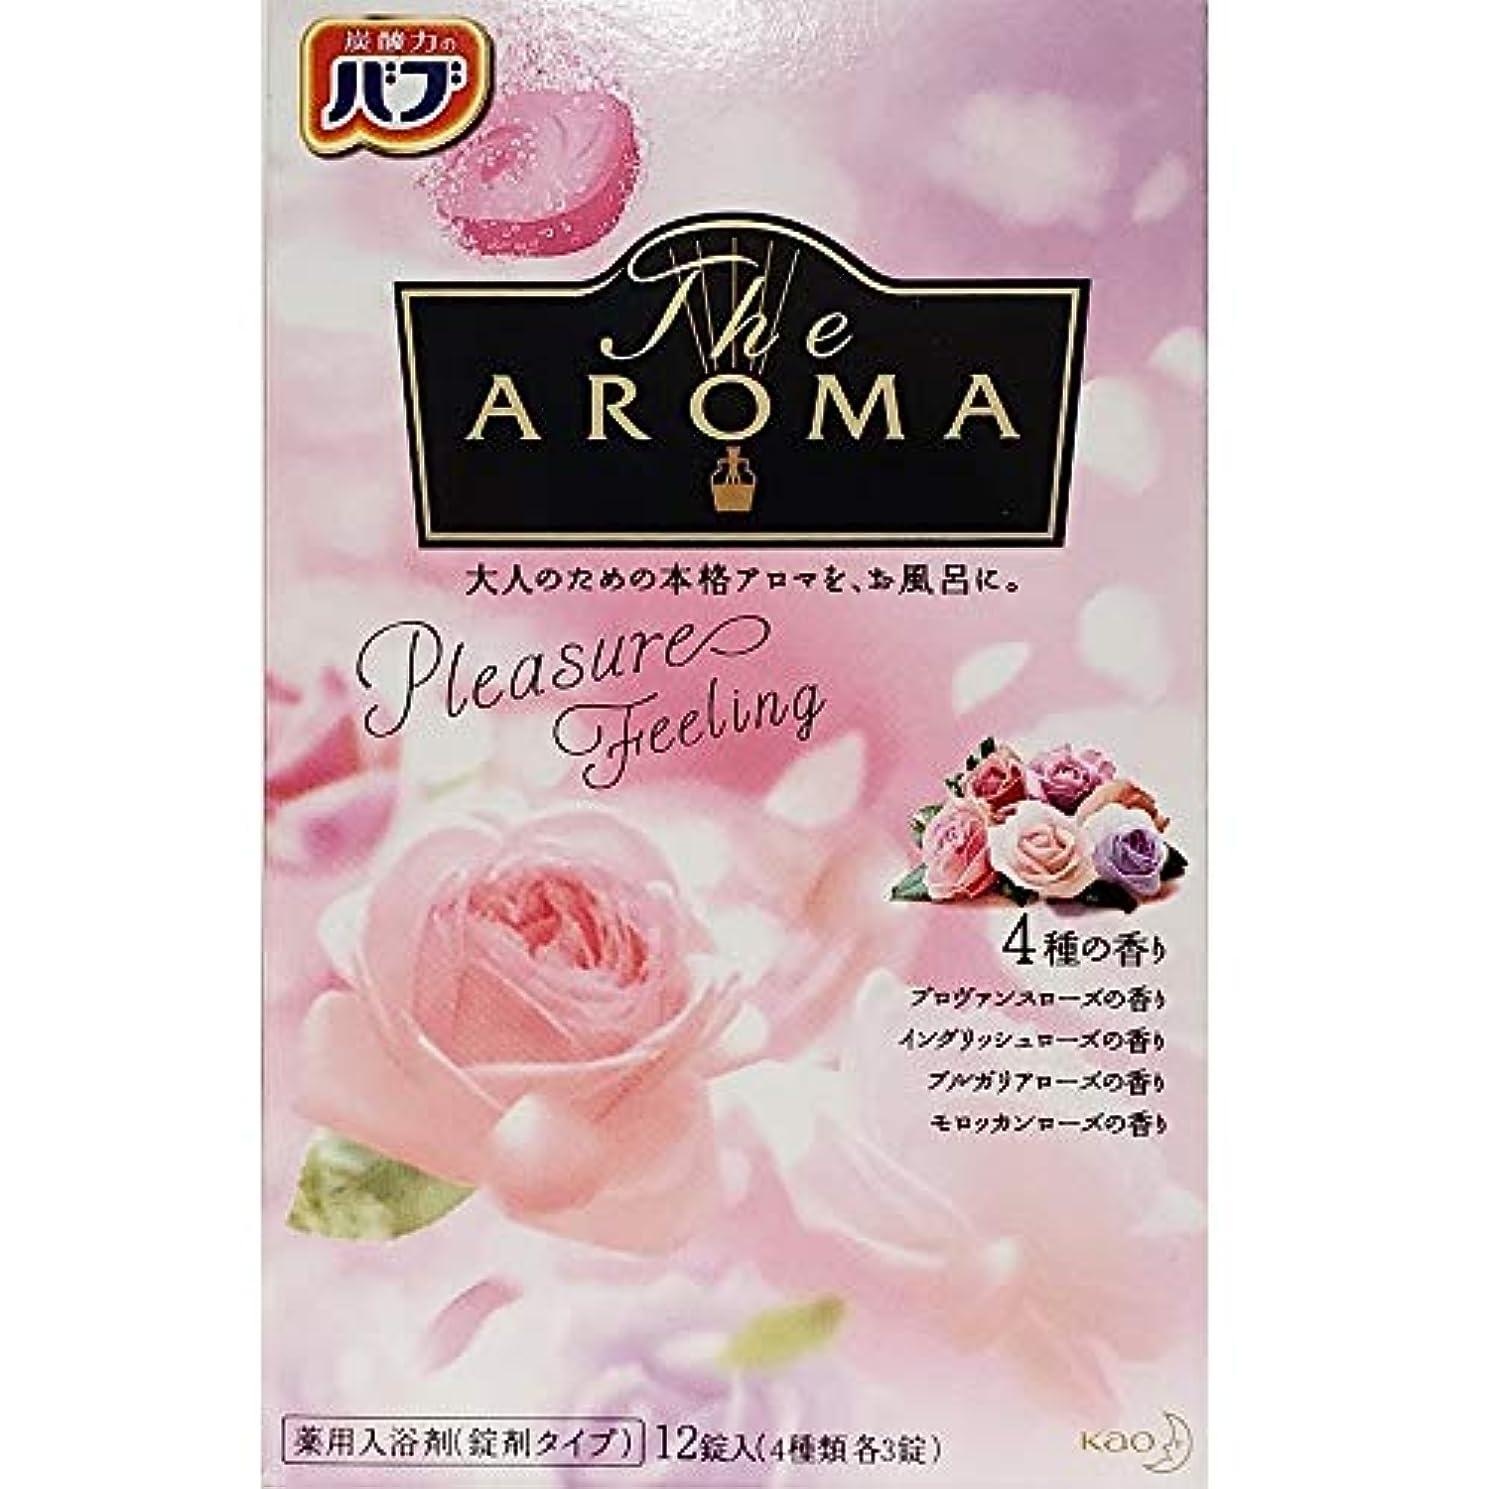 アグネスグレイ凝縮する再びバブ The Aroma Pleasure Feeling 40g×12錠(4種類 各3錠) 医薬部外品